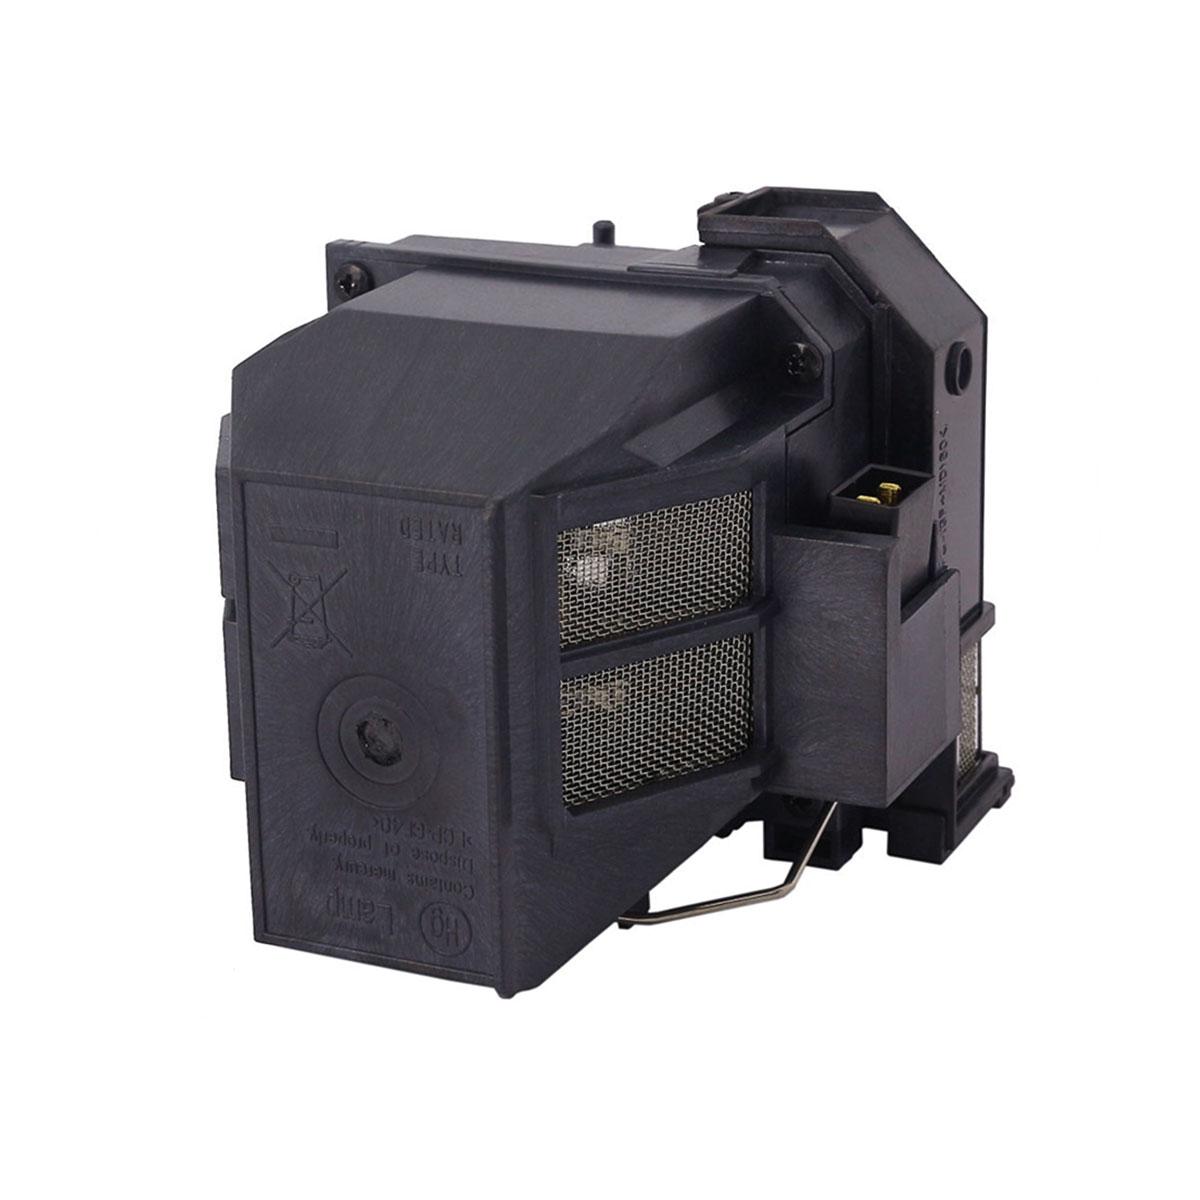 Lutema Platinum pour Epson EB-680S lampe de Projecteur avec bo�tier (ampoule Philips originale � l'int�rieur) - image 1 de 5